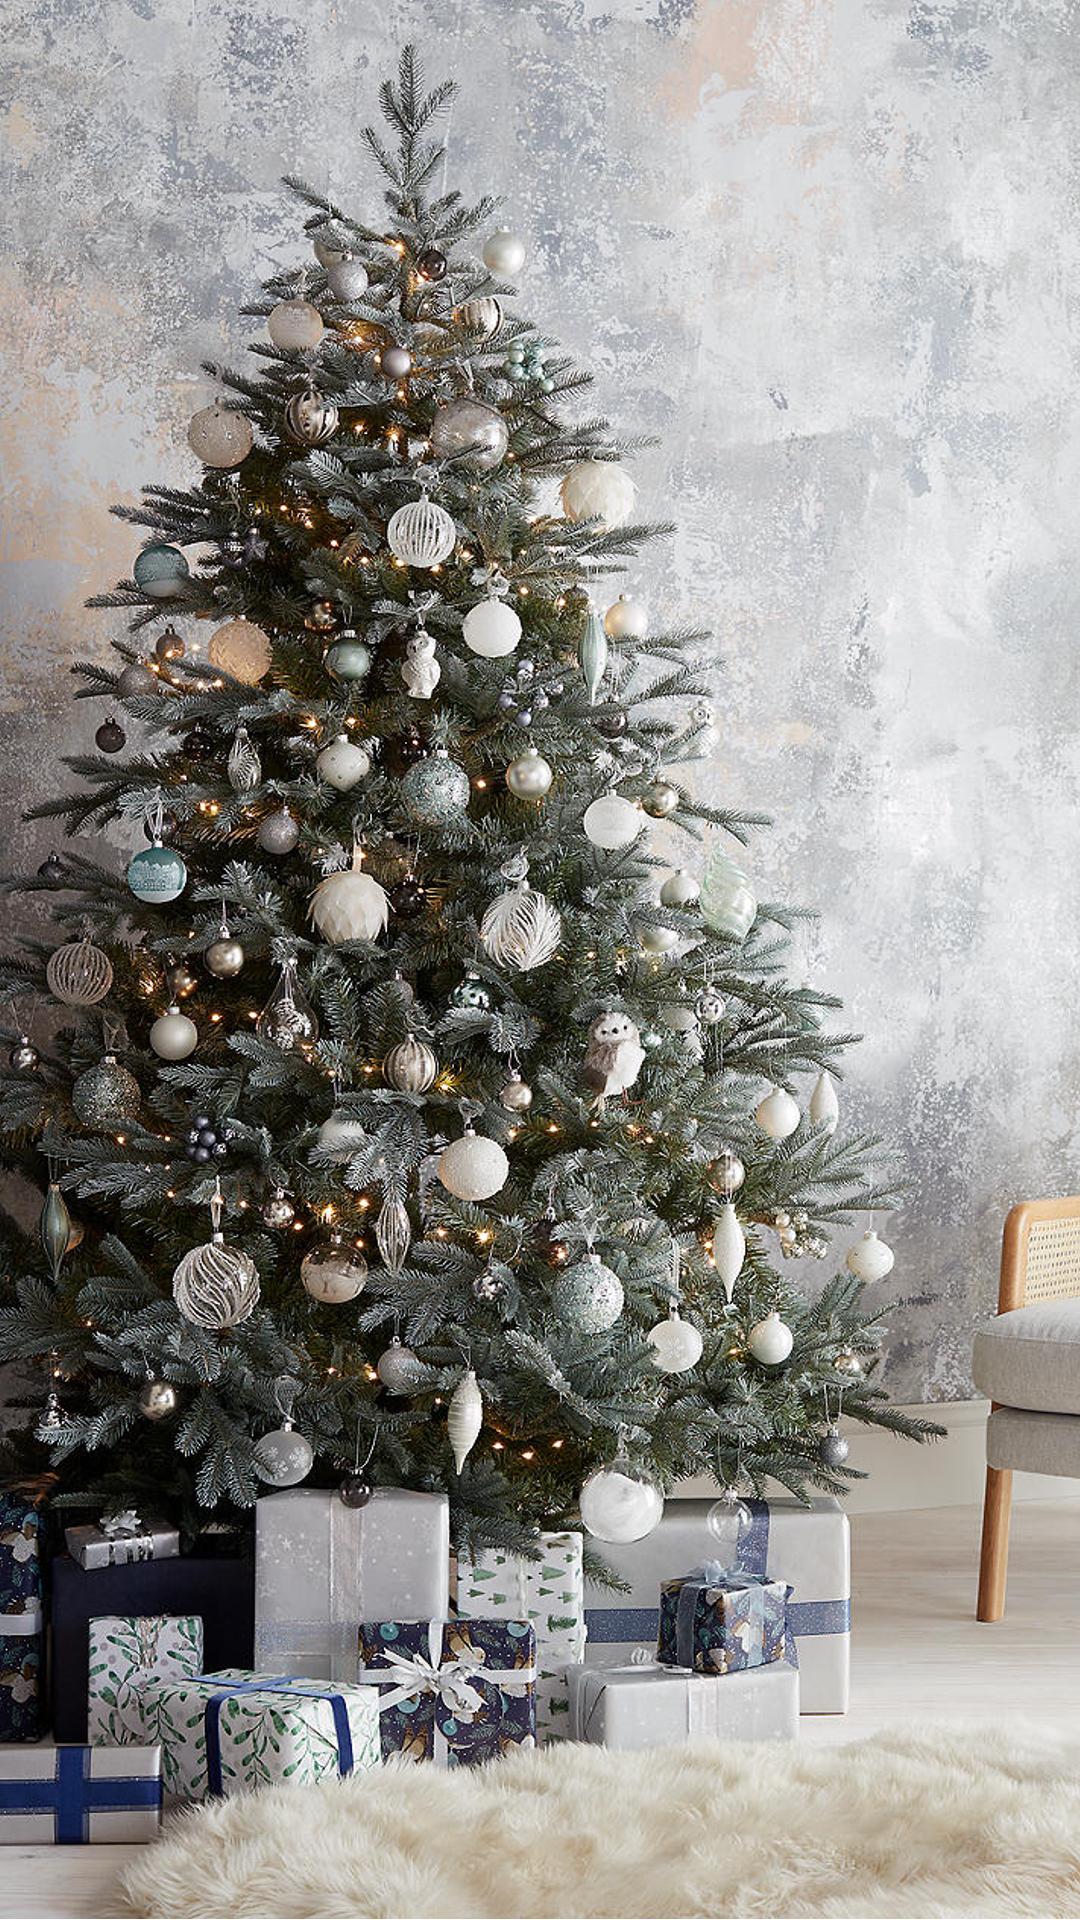 Christmas 2019 The Looks Ad Neutral Christmas Decor Christmas Tree Colored Lights Christmas Tree